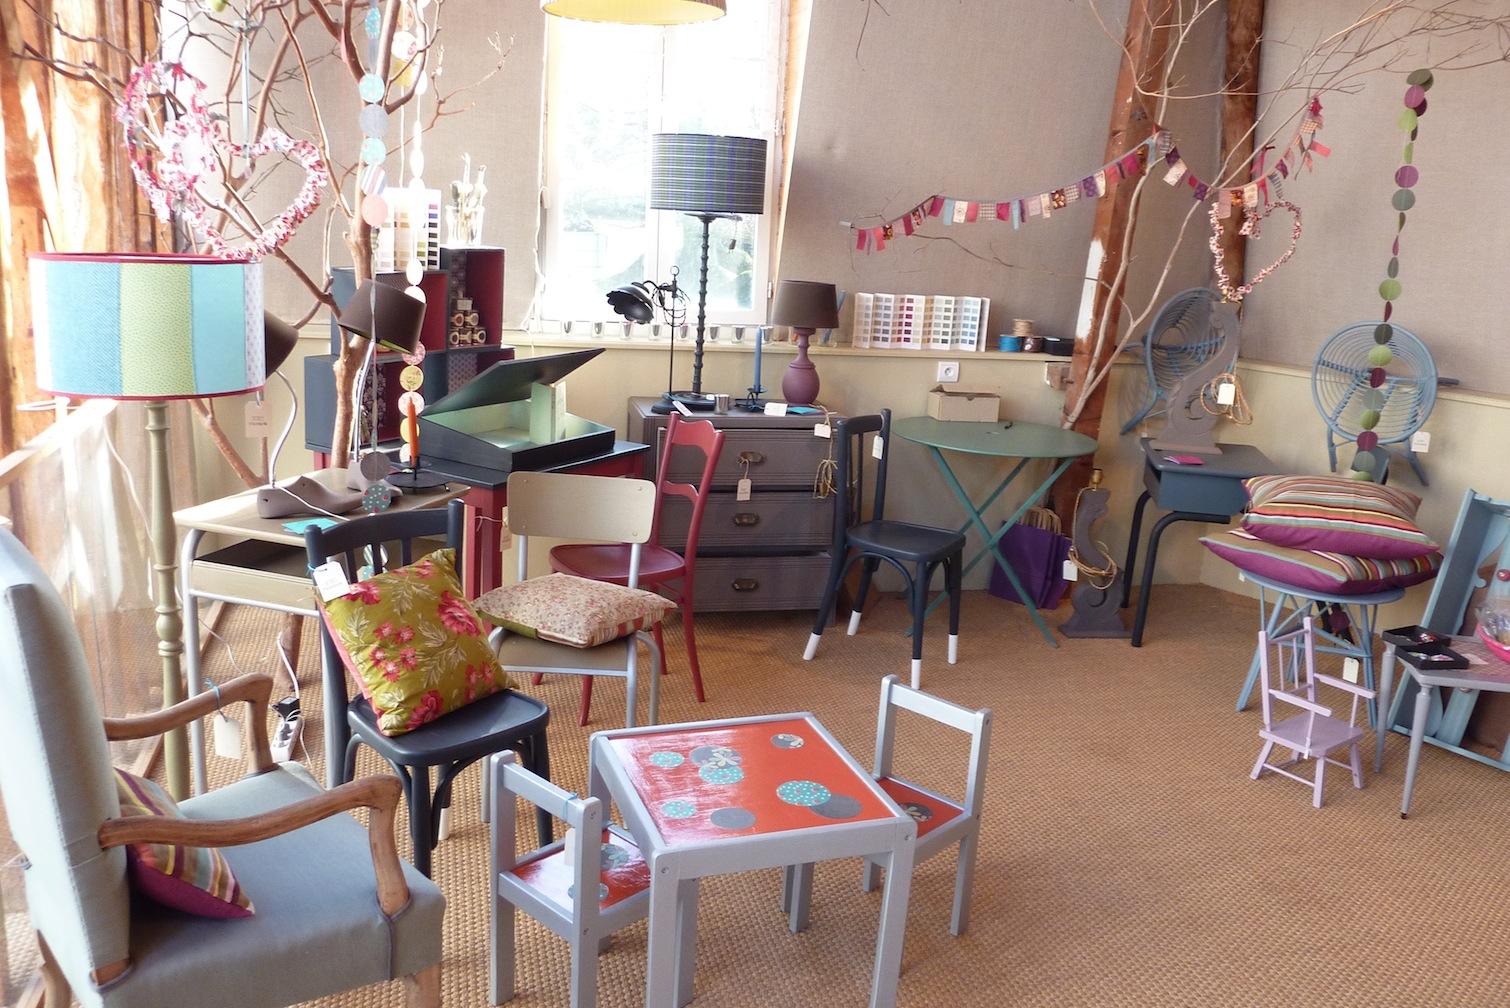 C leste bouchayer etcetera une seconde vie pour meubles et objets chin s - Seconde vie des objets ...